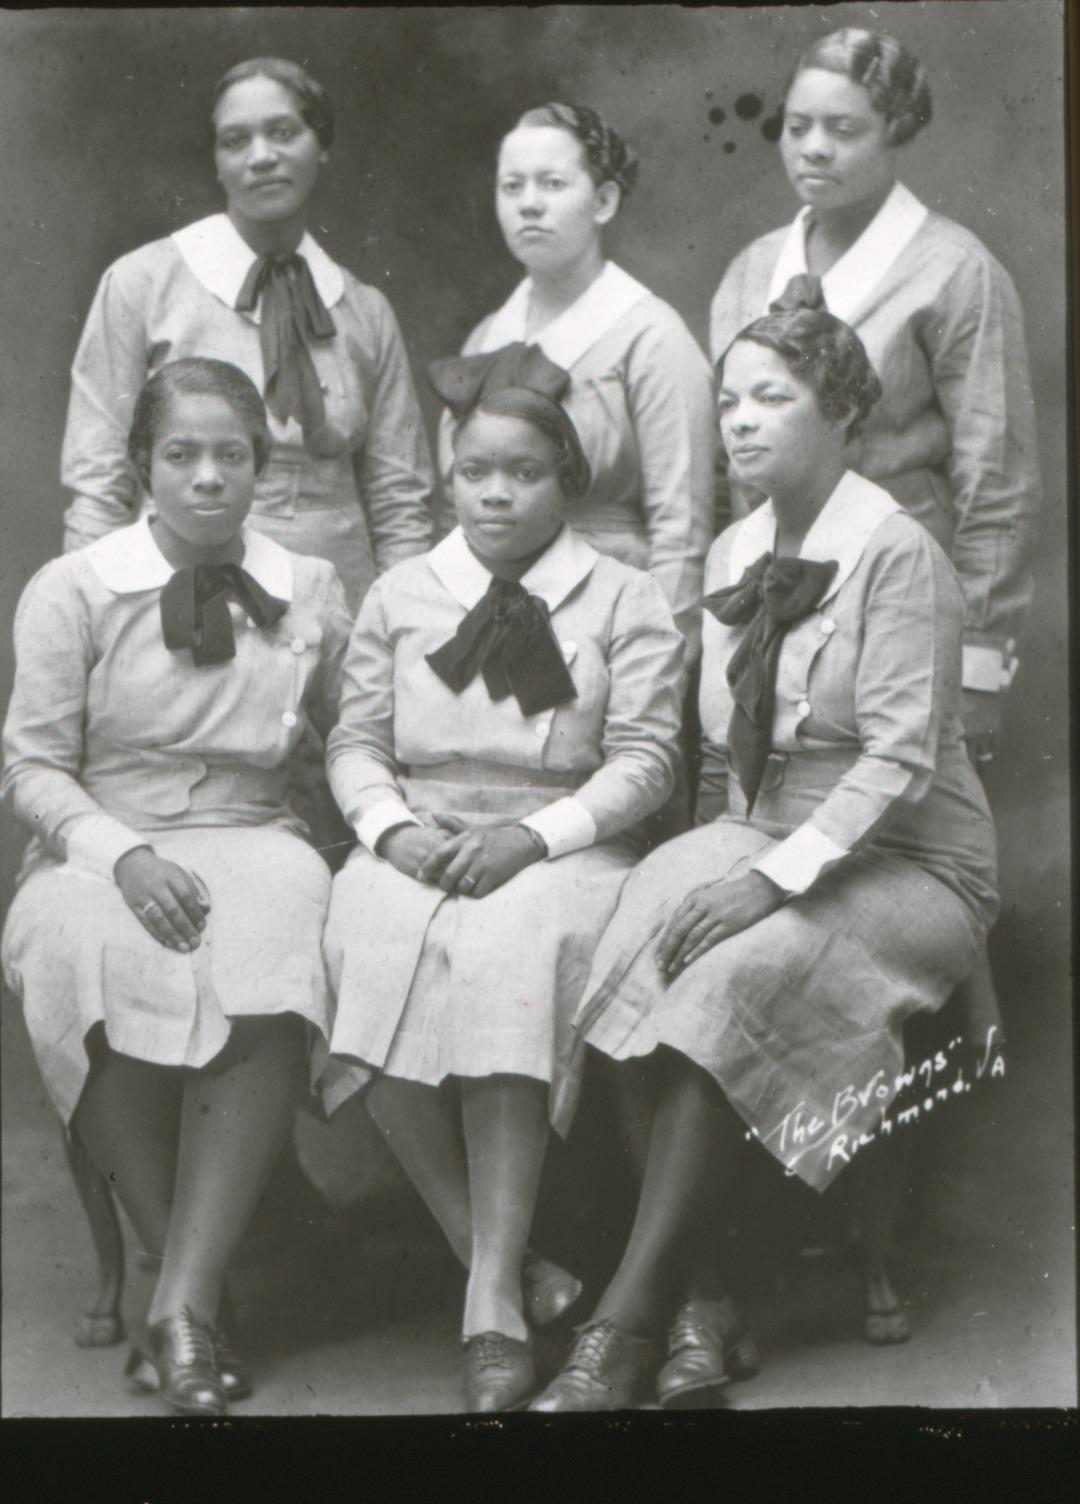 Waits_4g_Group-of-early-Black-PH-nurses-employed-in-1929-under-Rosenwald-Foundation.jpg